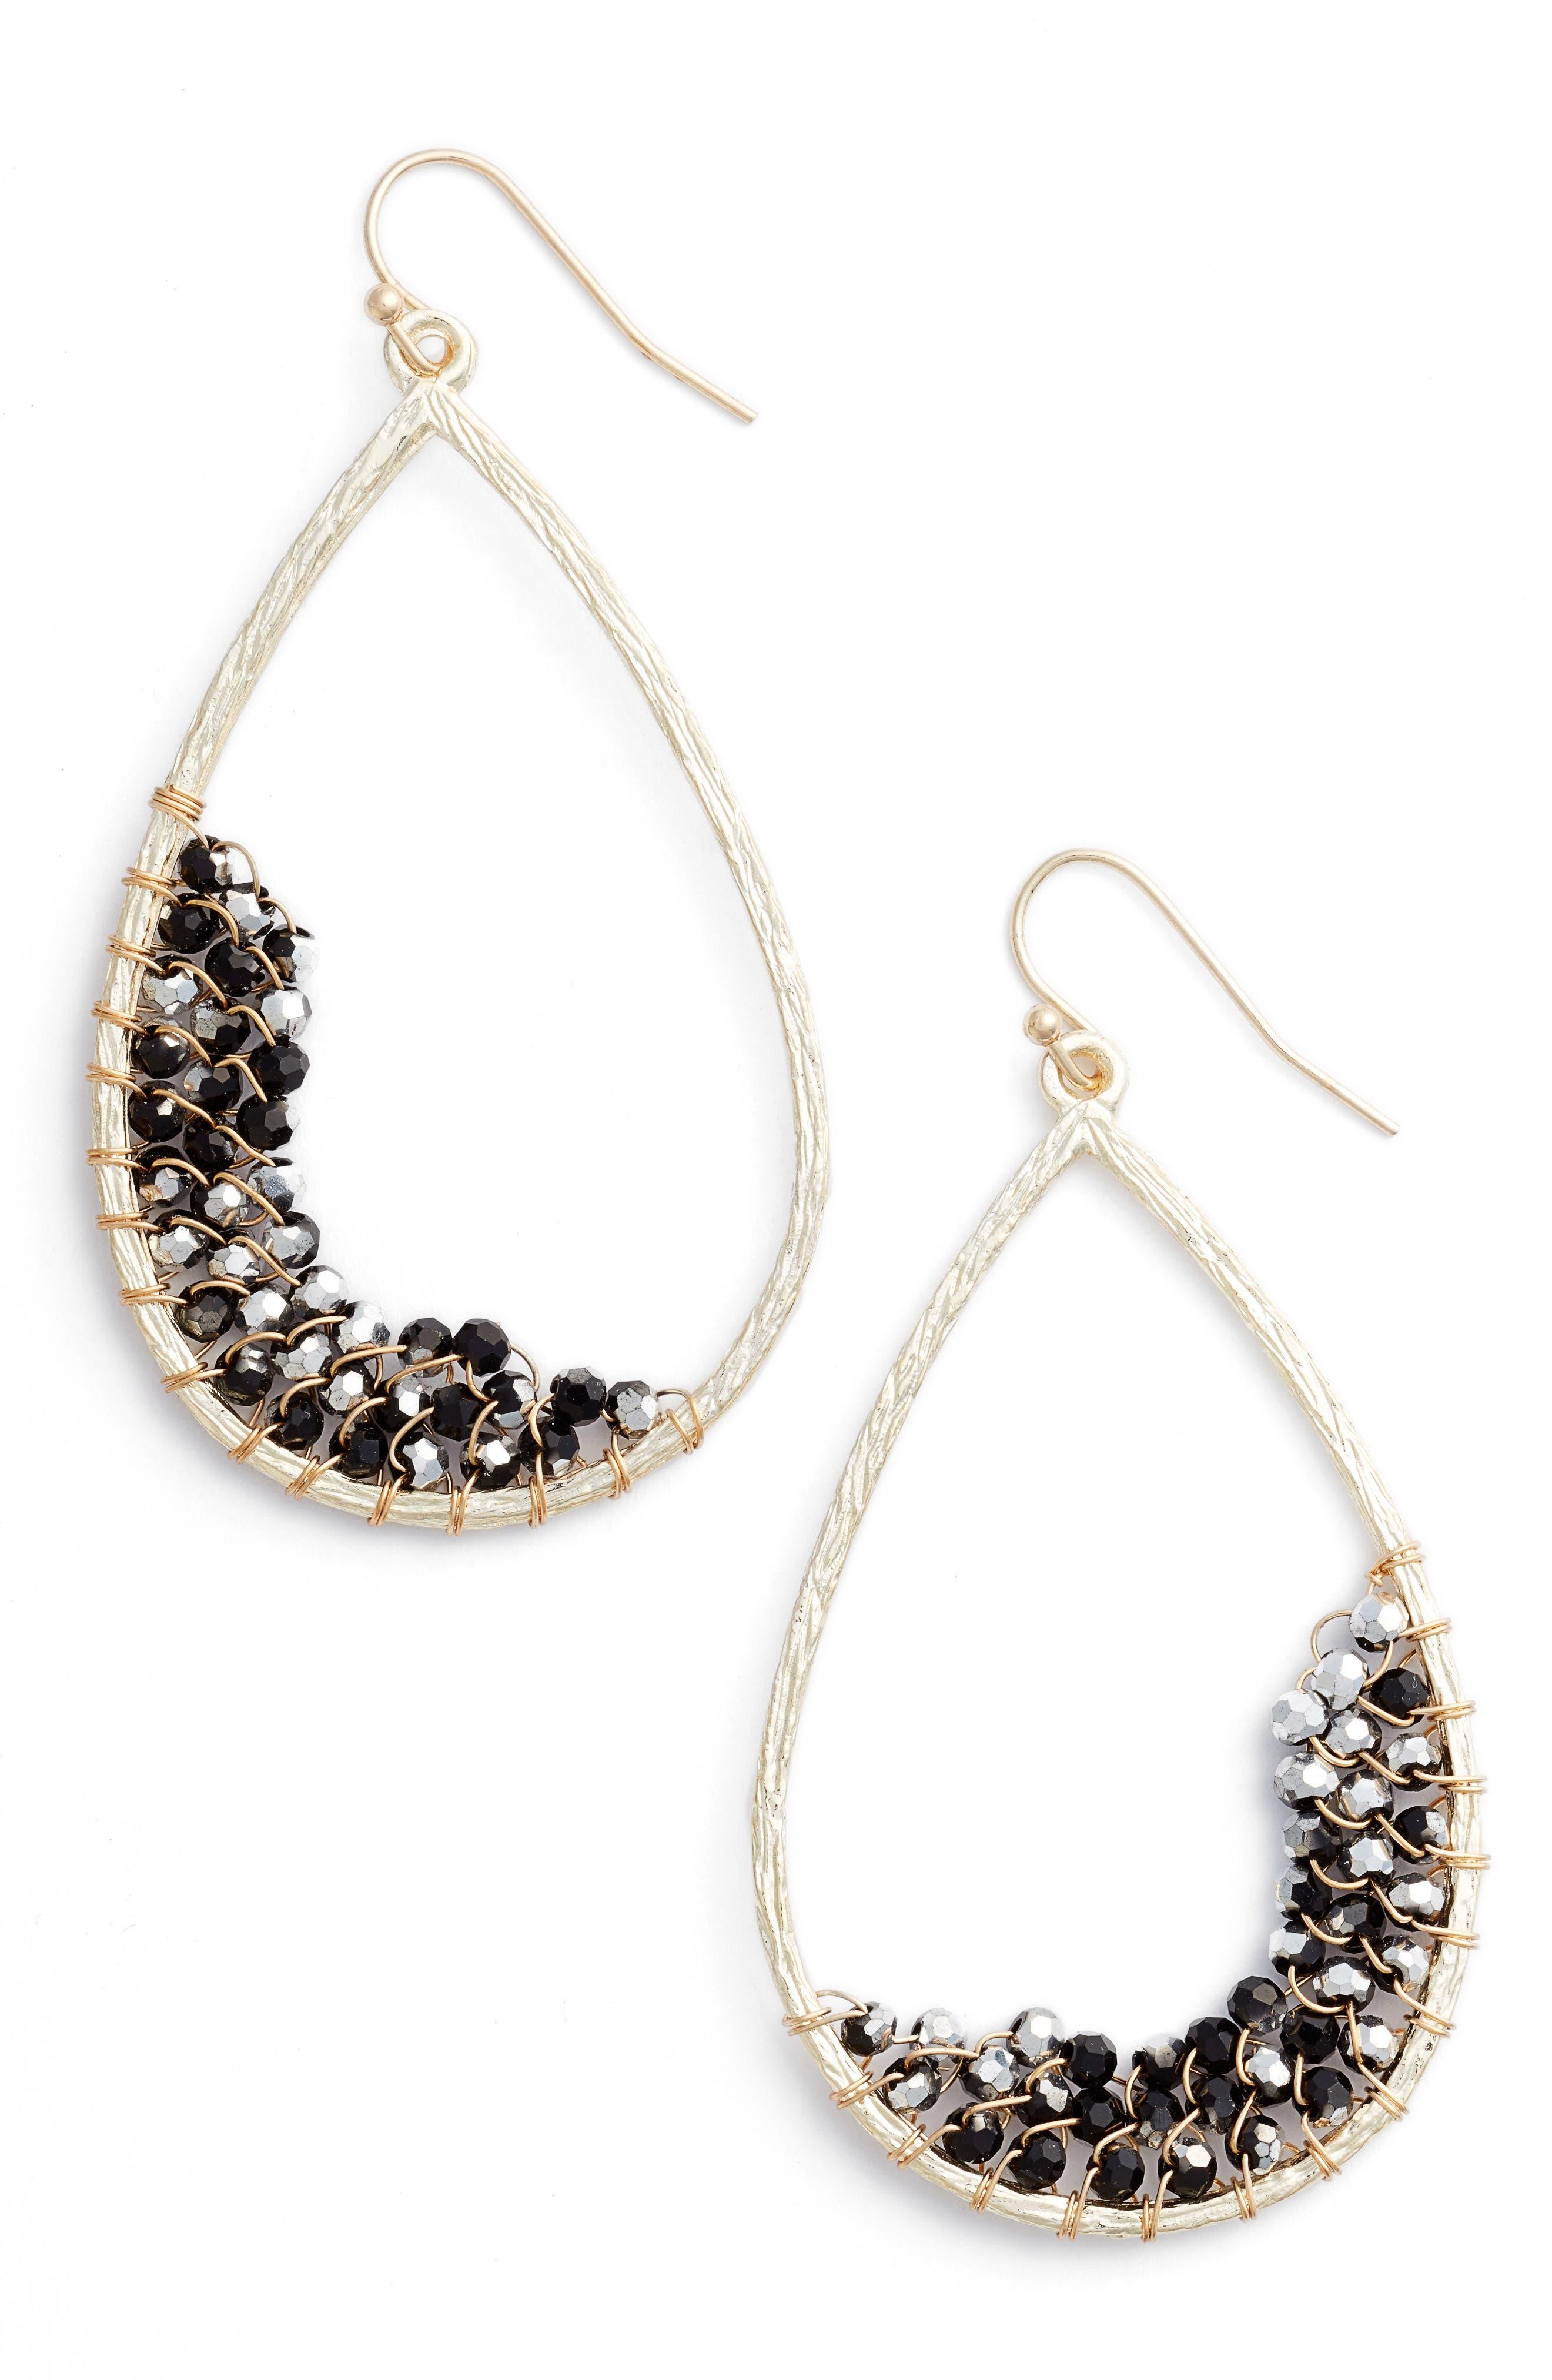 Panacea Crystal Embellished Teardrop Earrings